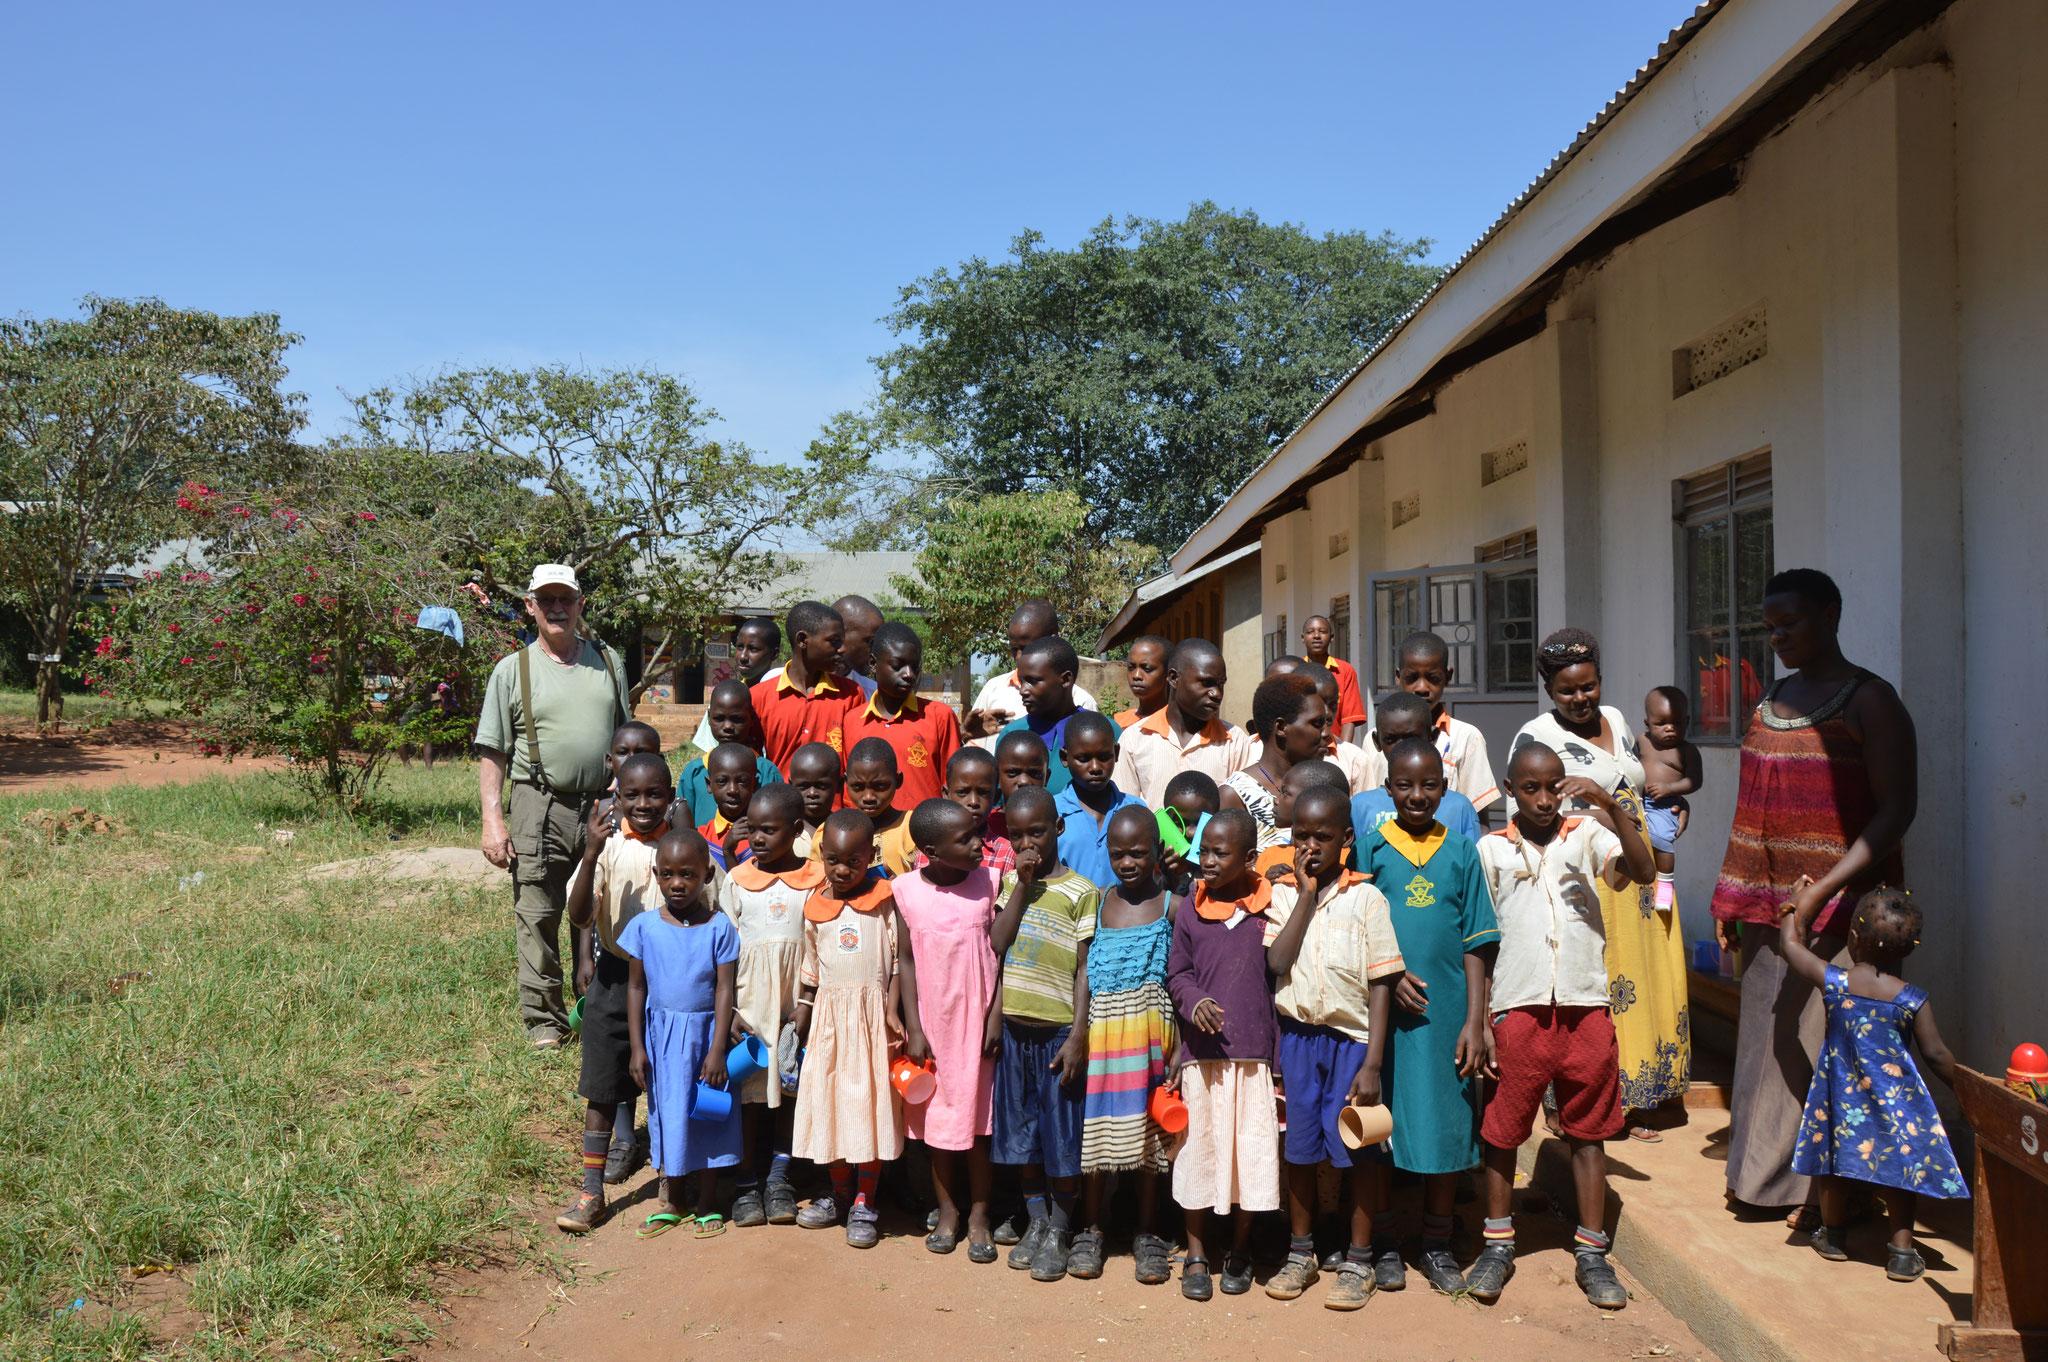 Die Schüler und Schülerinnen der Gehörlosenschule Ssembablue